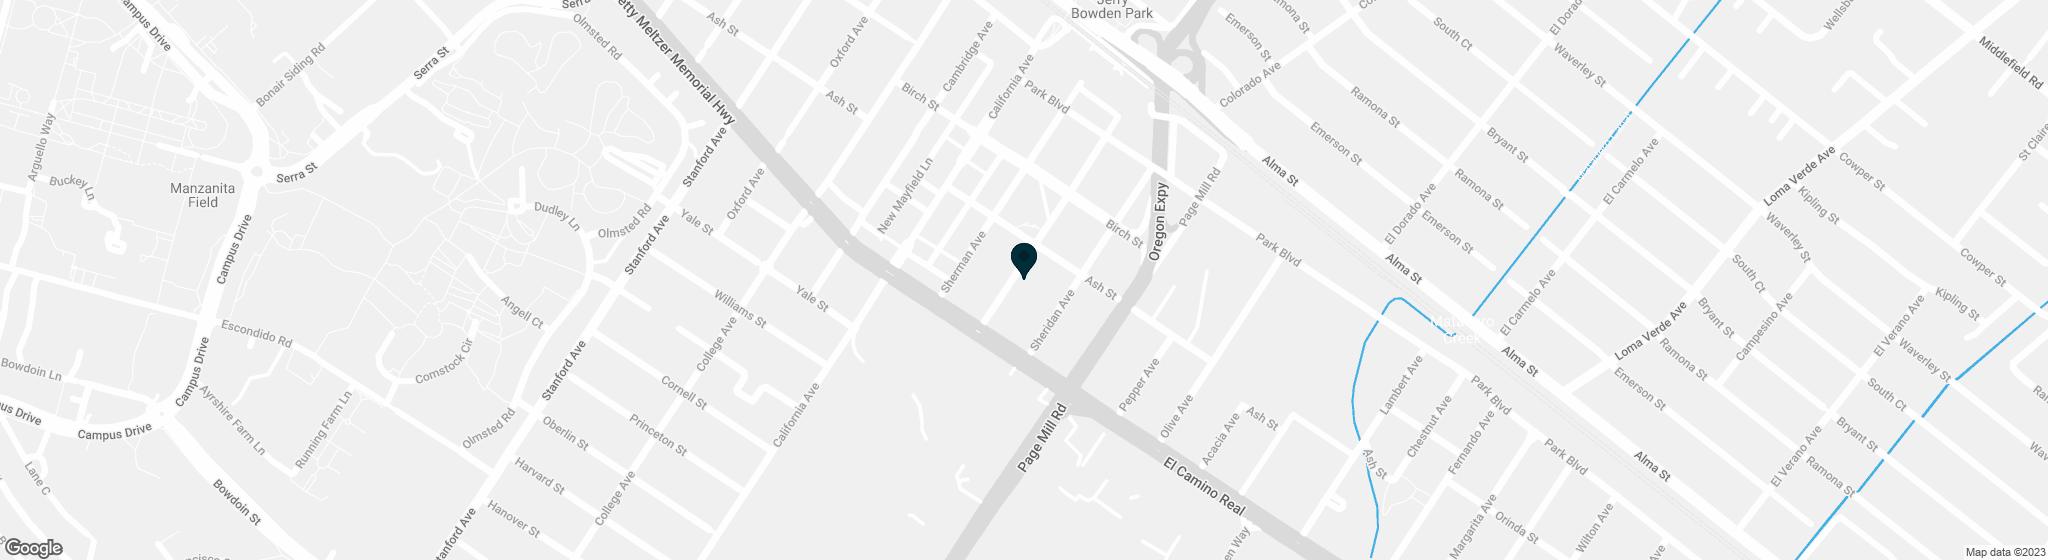 455 Grant #15 Palo Alto CA 94306